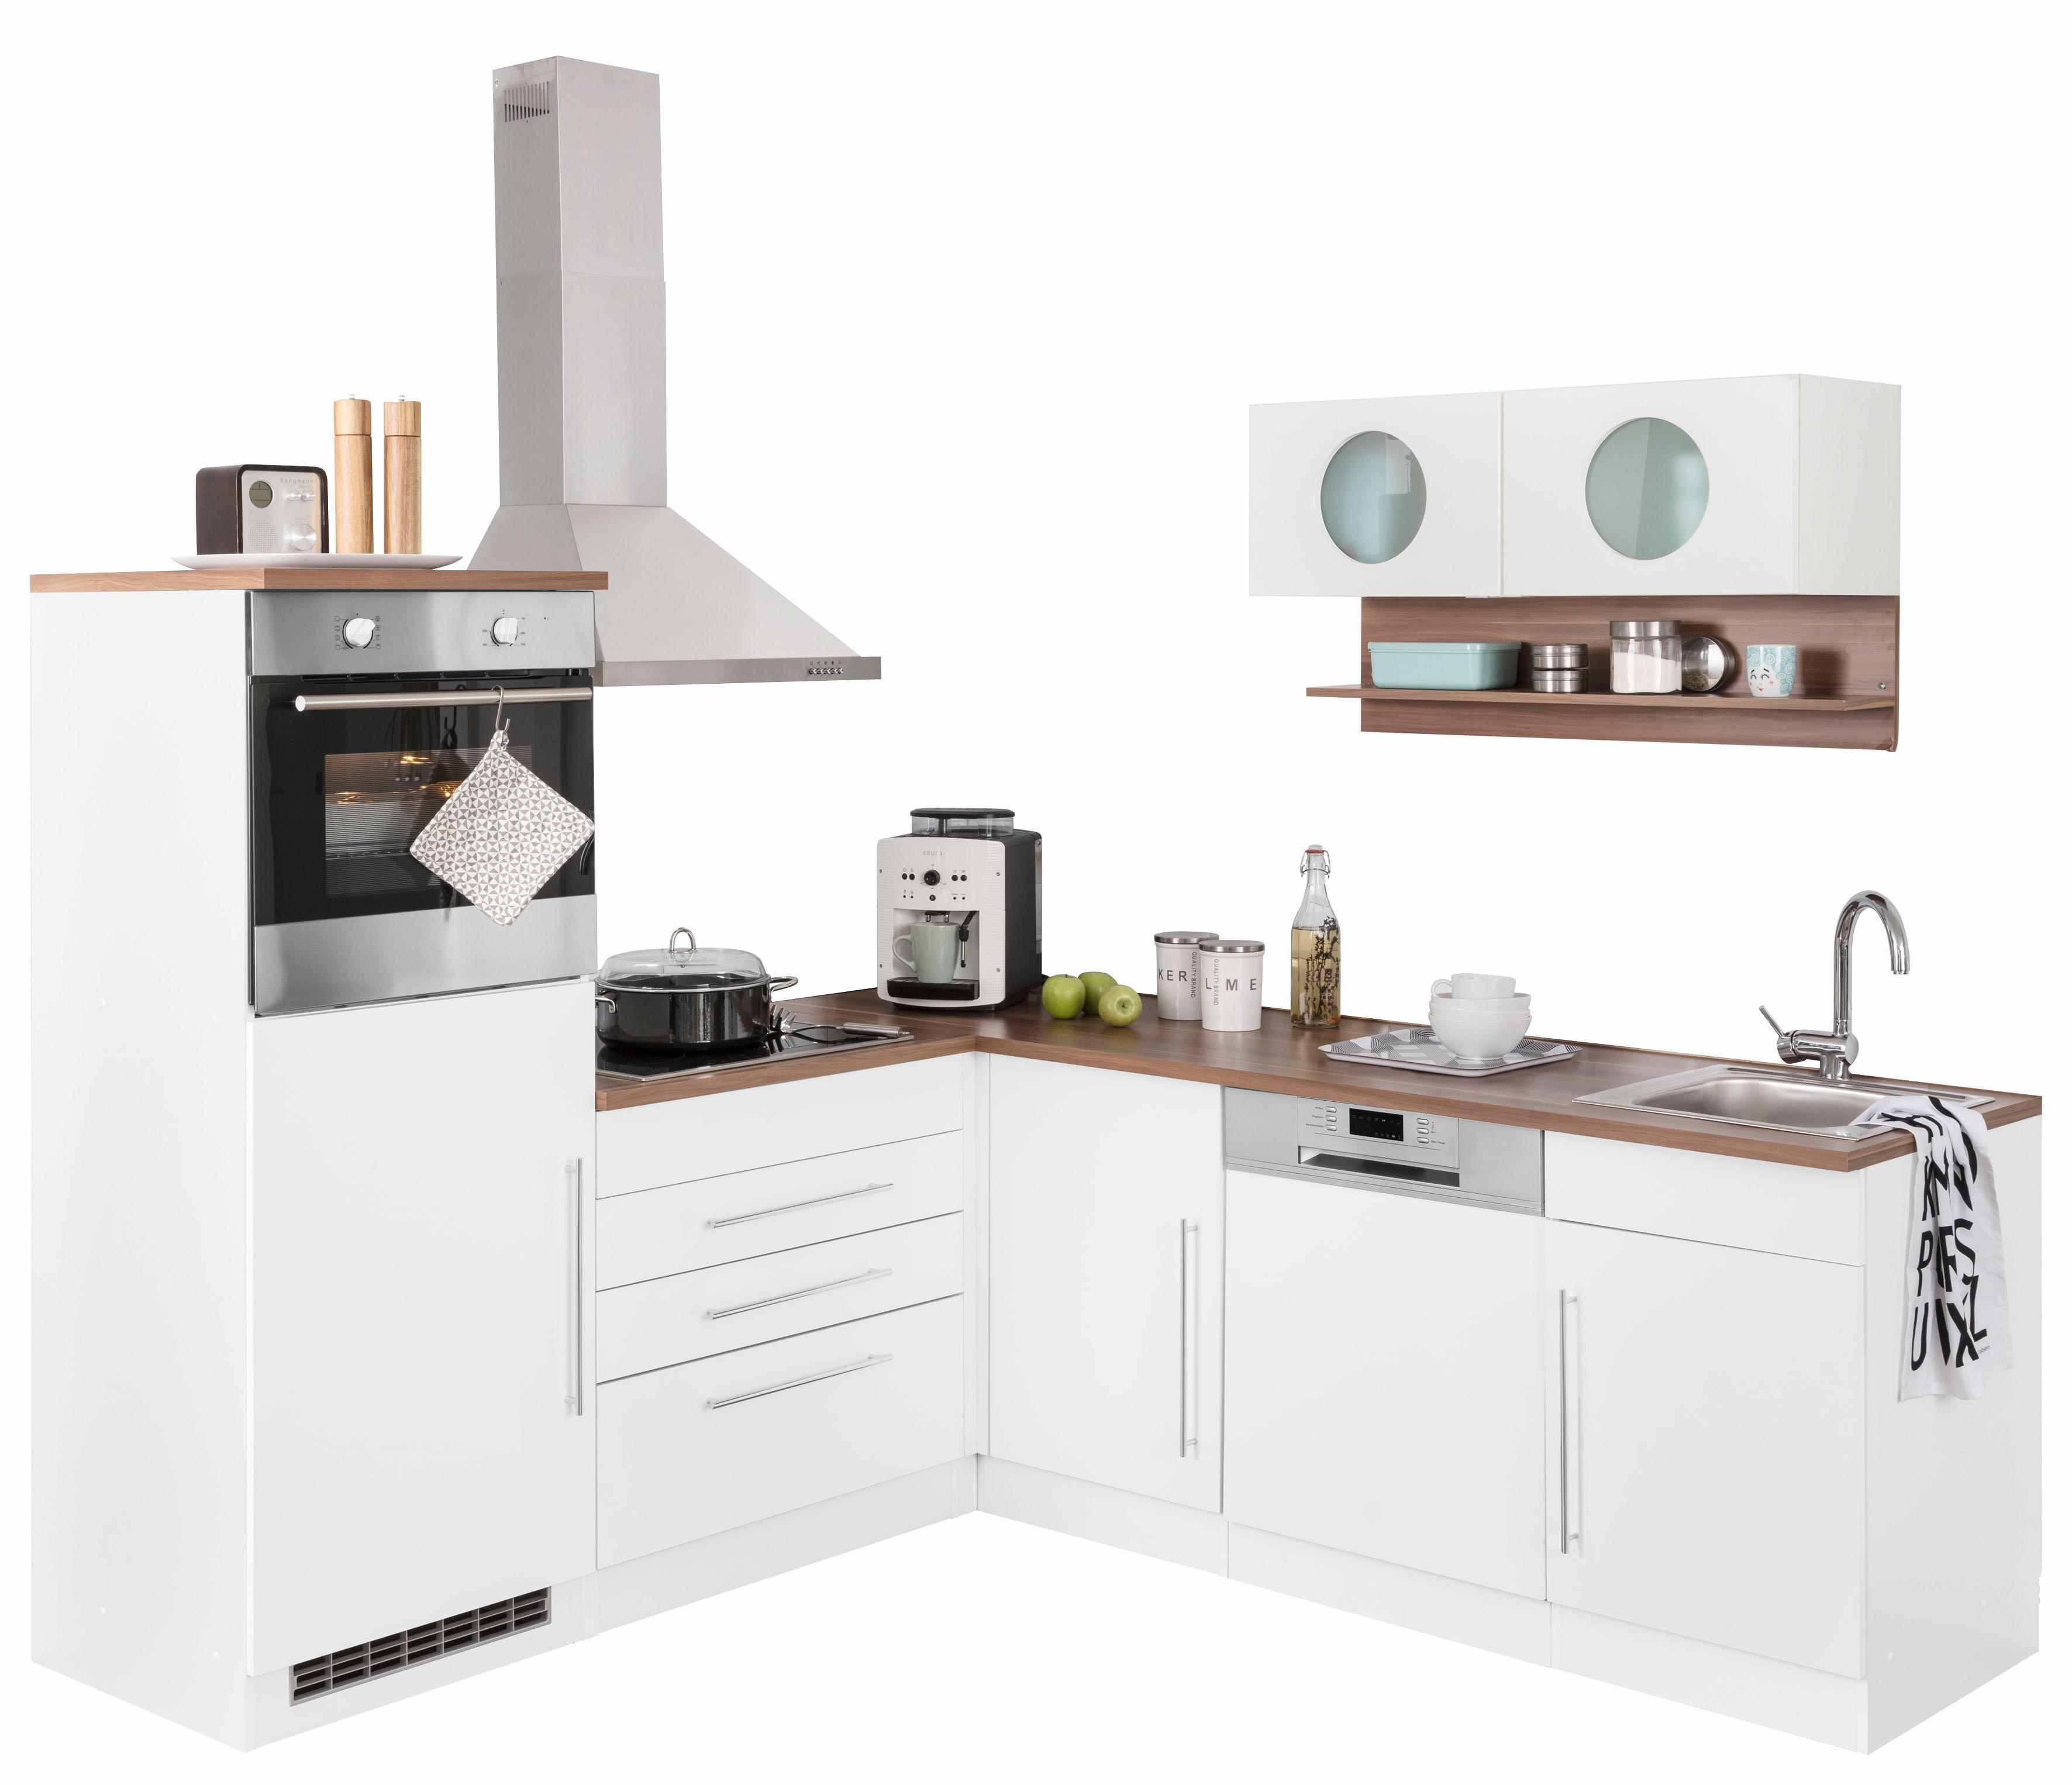 Winkelküche Keitum ohne E-Geräte Stellbreite 200 x 220 cm